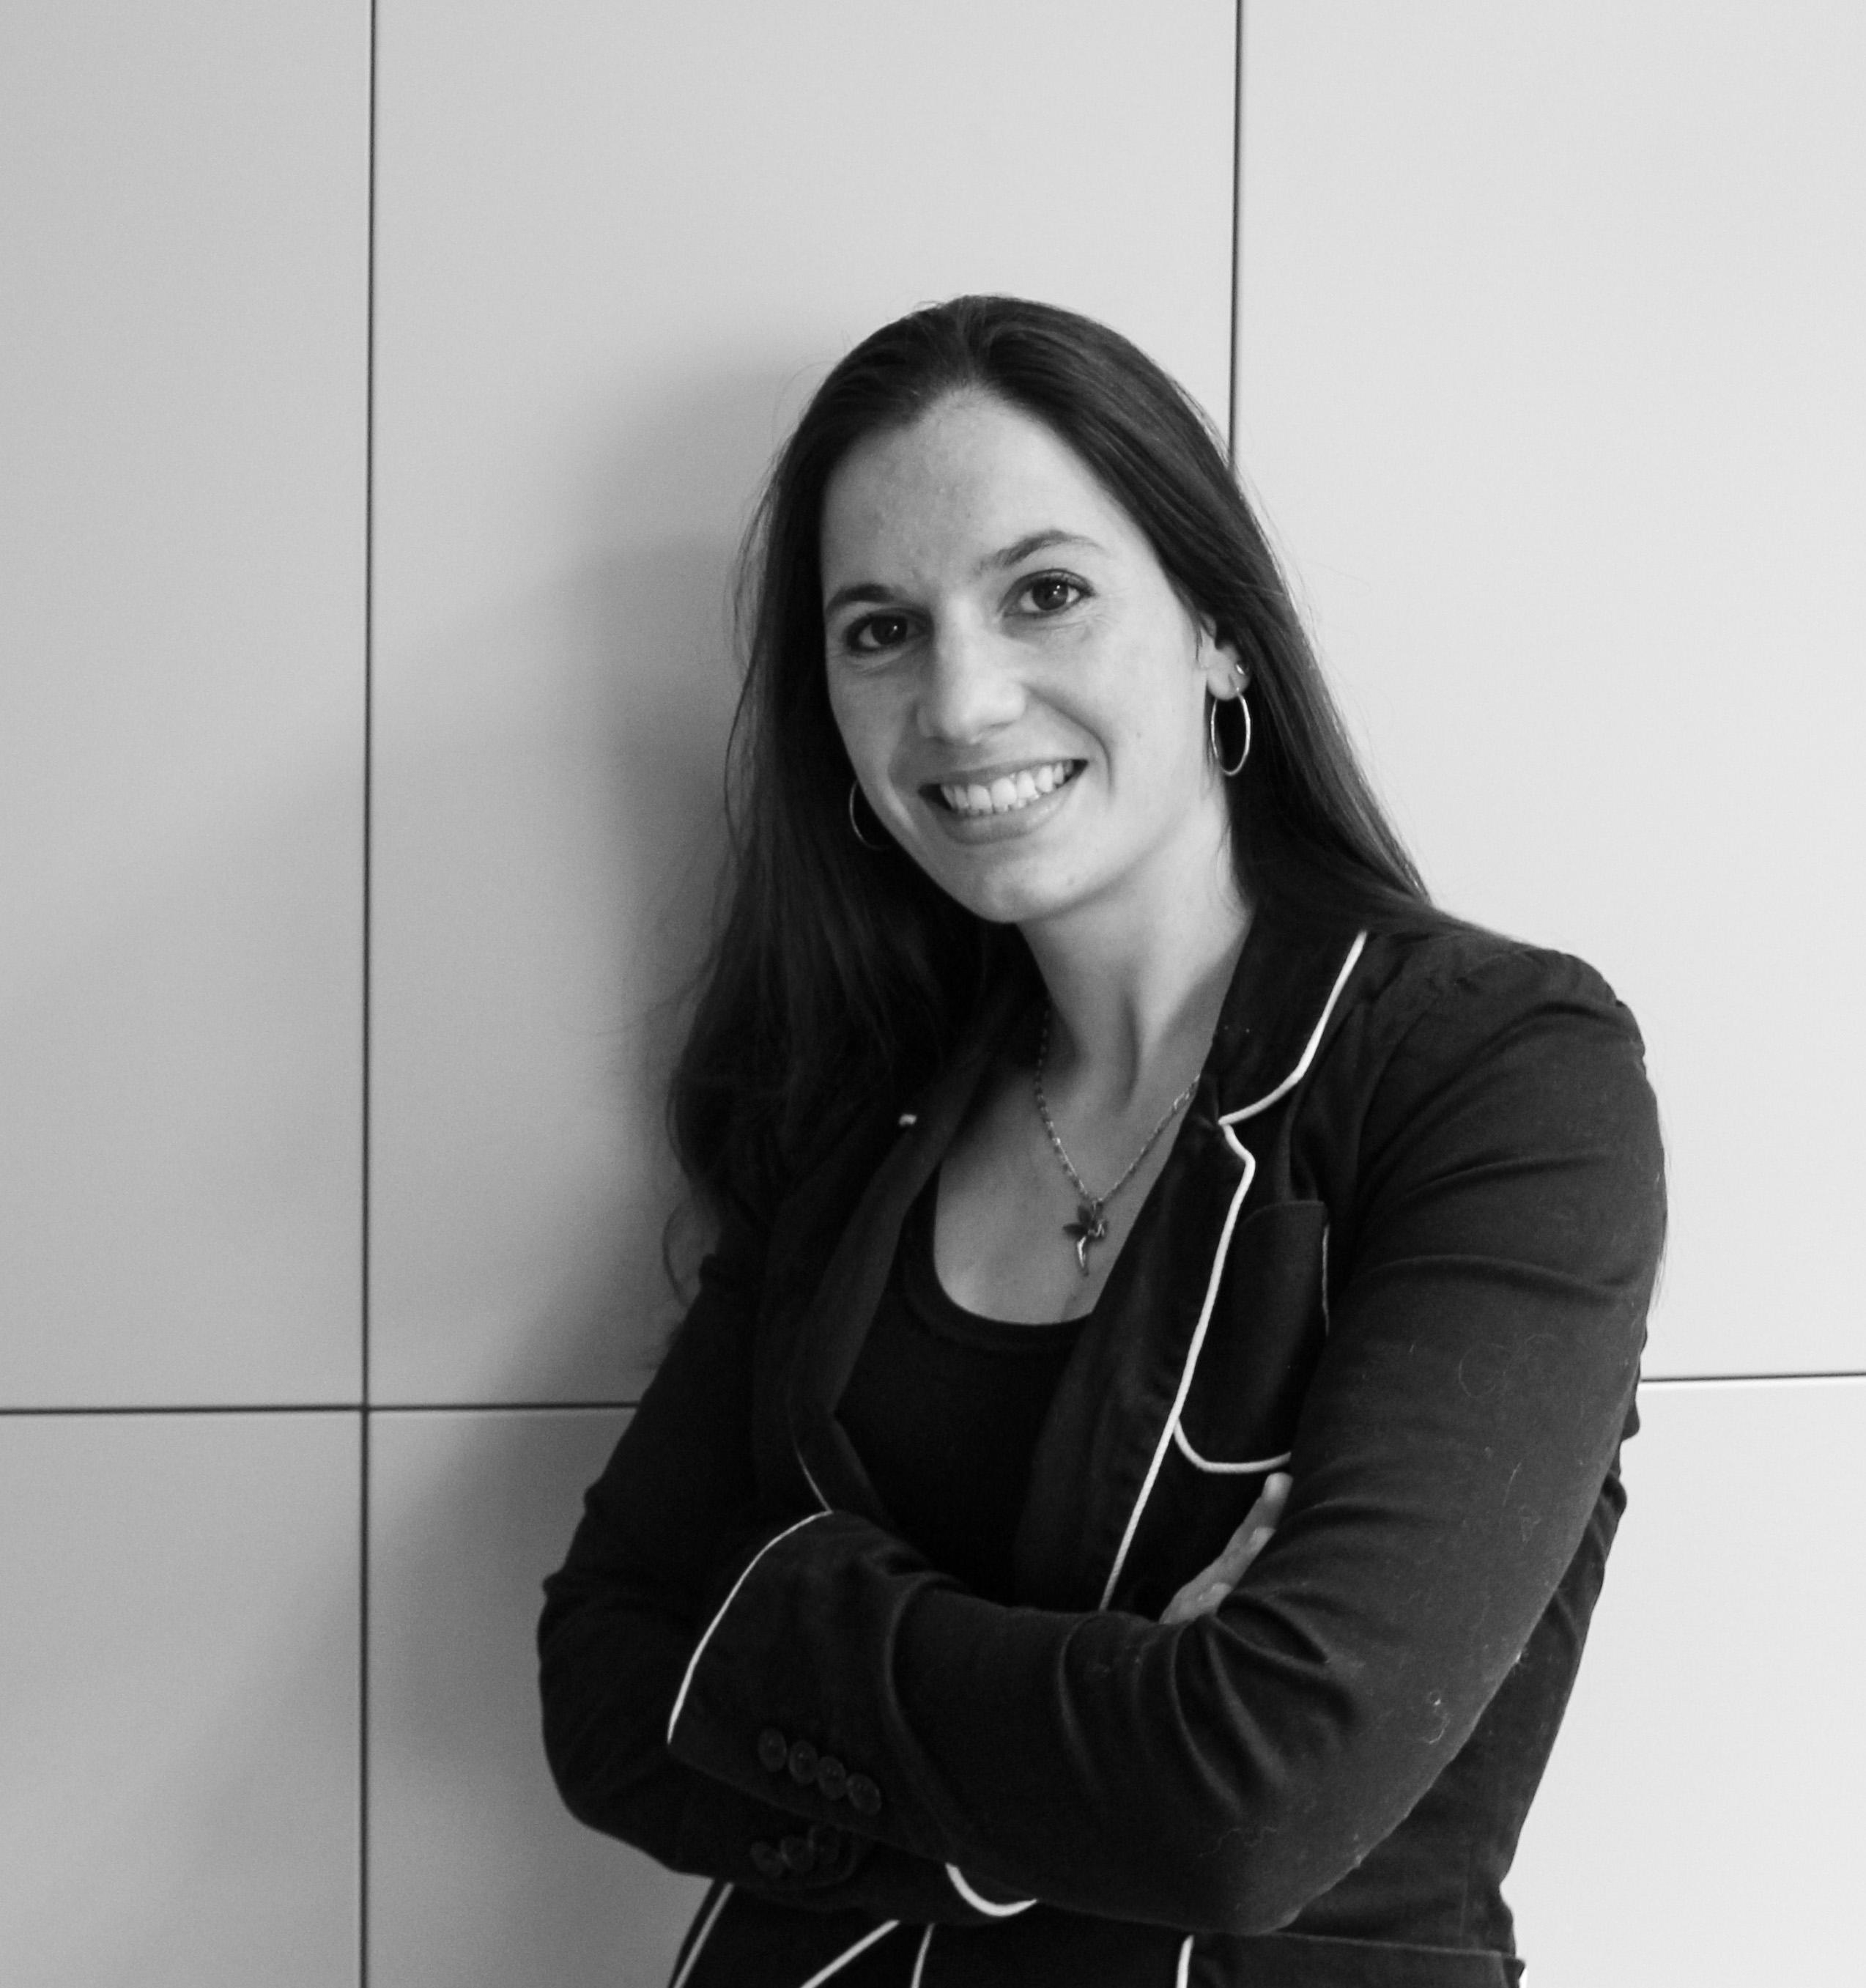 Myriam chancel